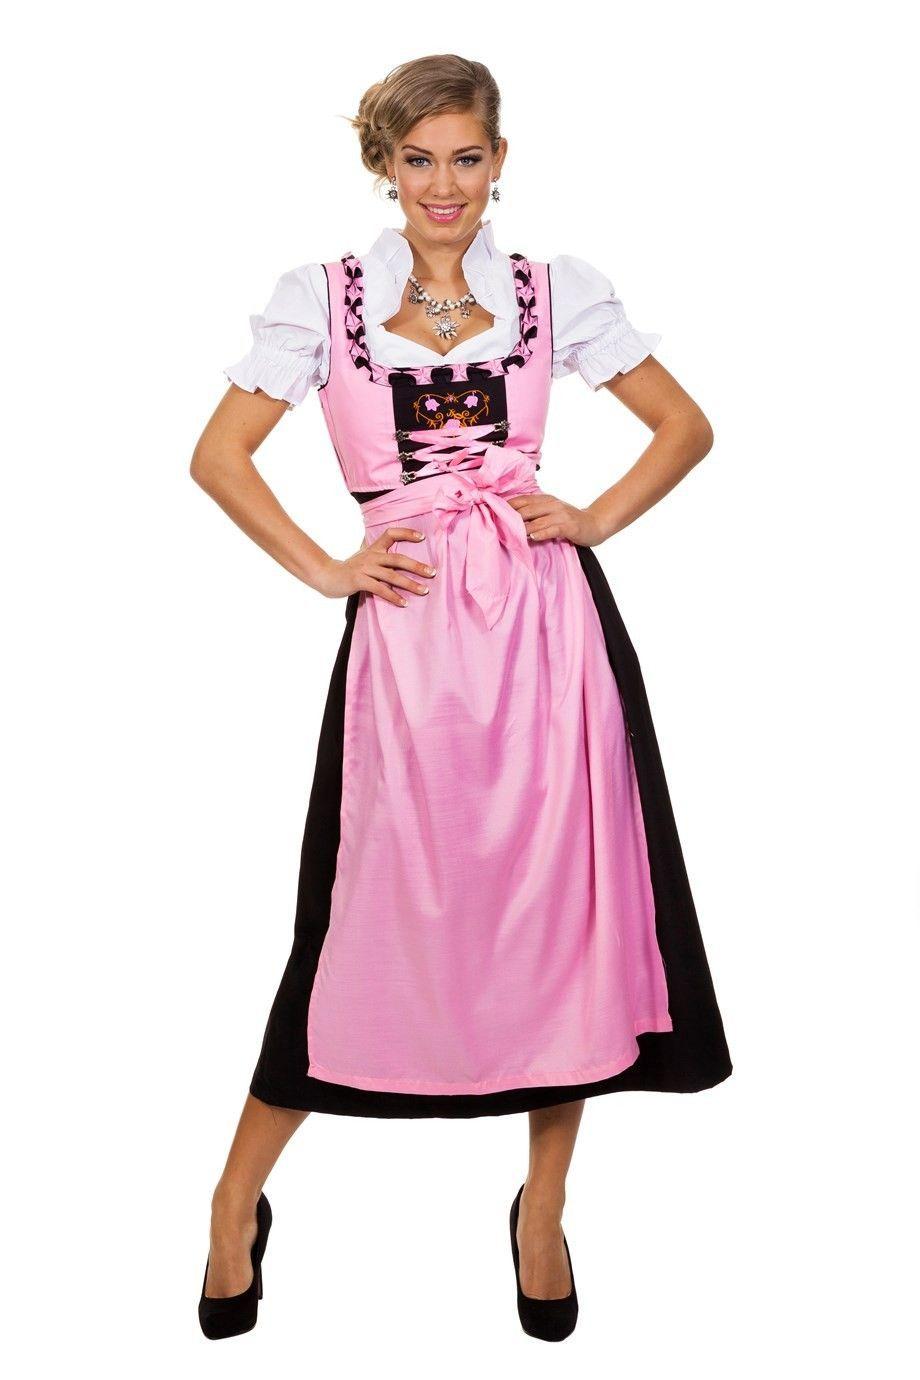 72c650c793e Dirndl jurk roze in lange uitvoering bestaande uit jurk, schort en ...